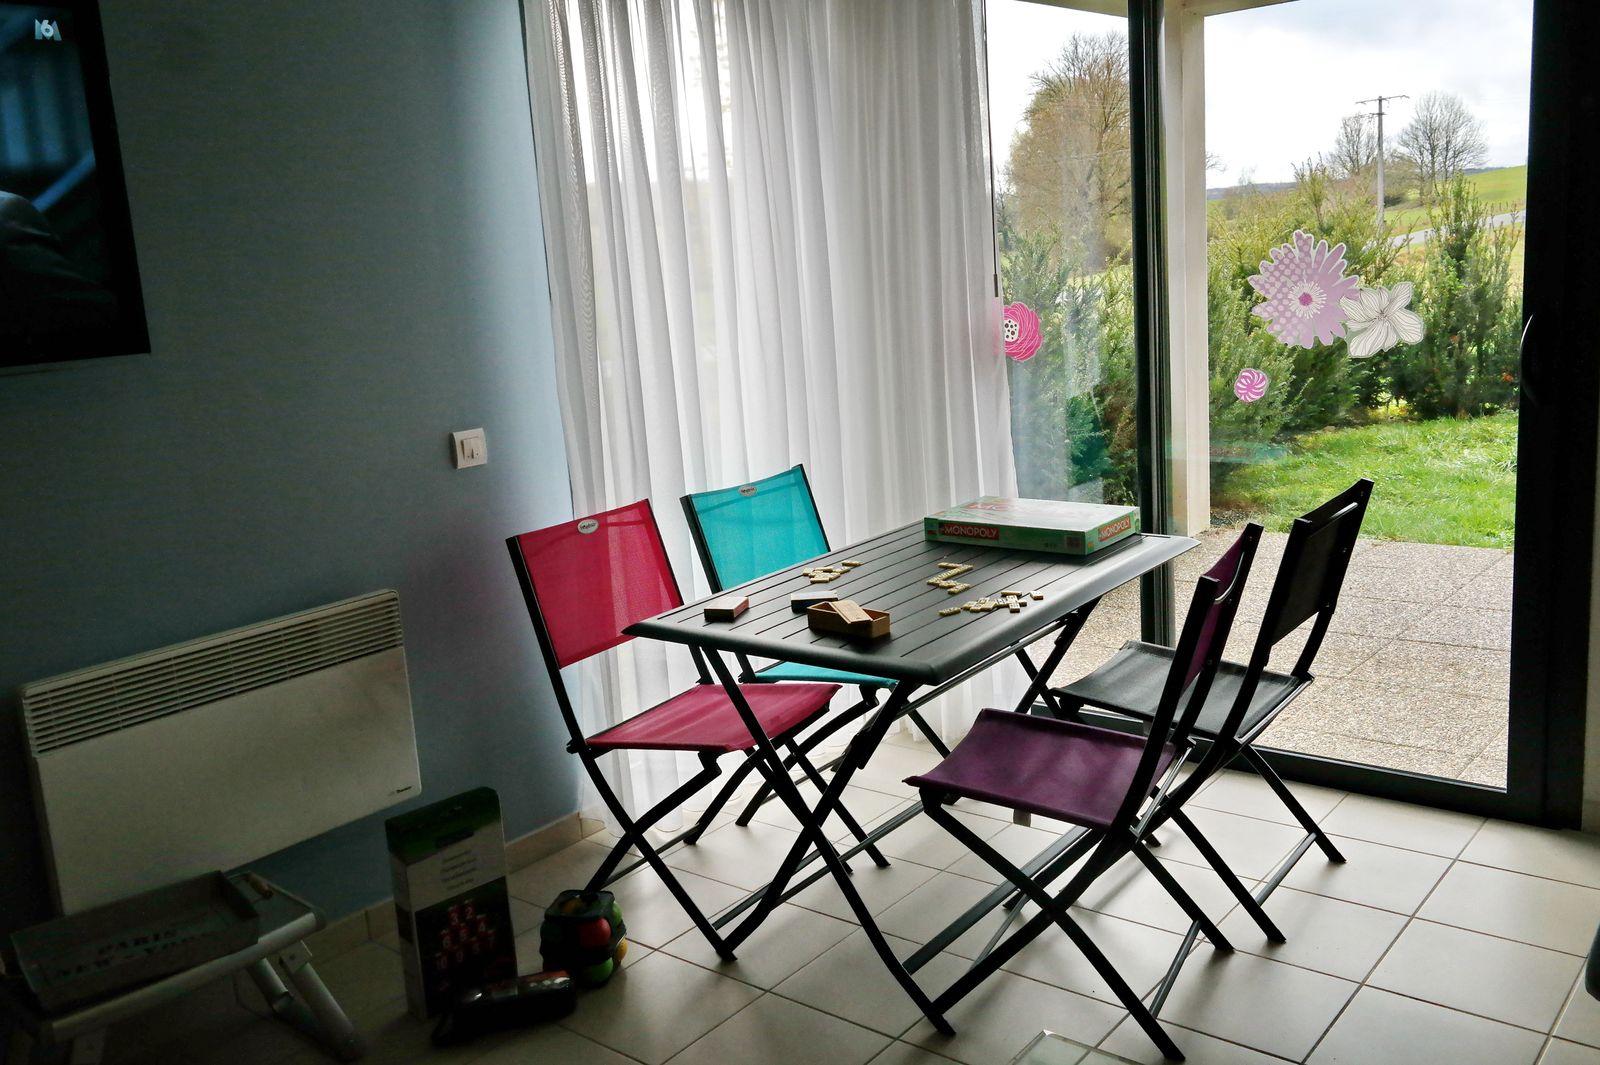 table petit déjeuner ou à mettre sur la terrasse aux beaux jours